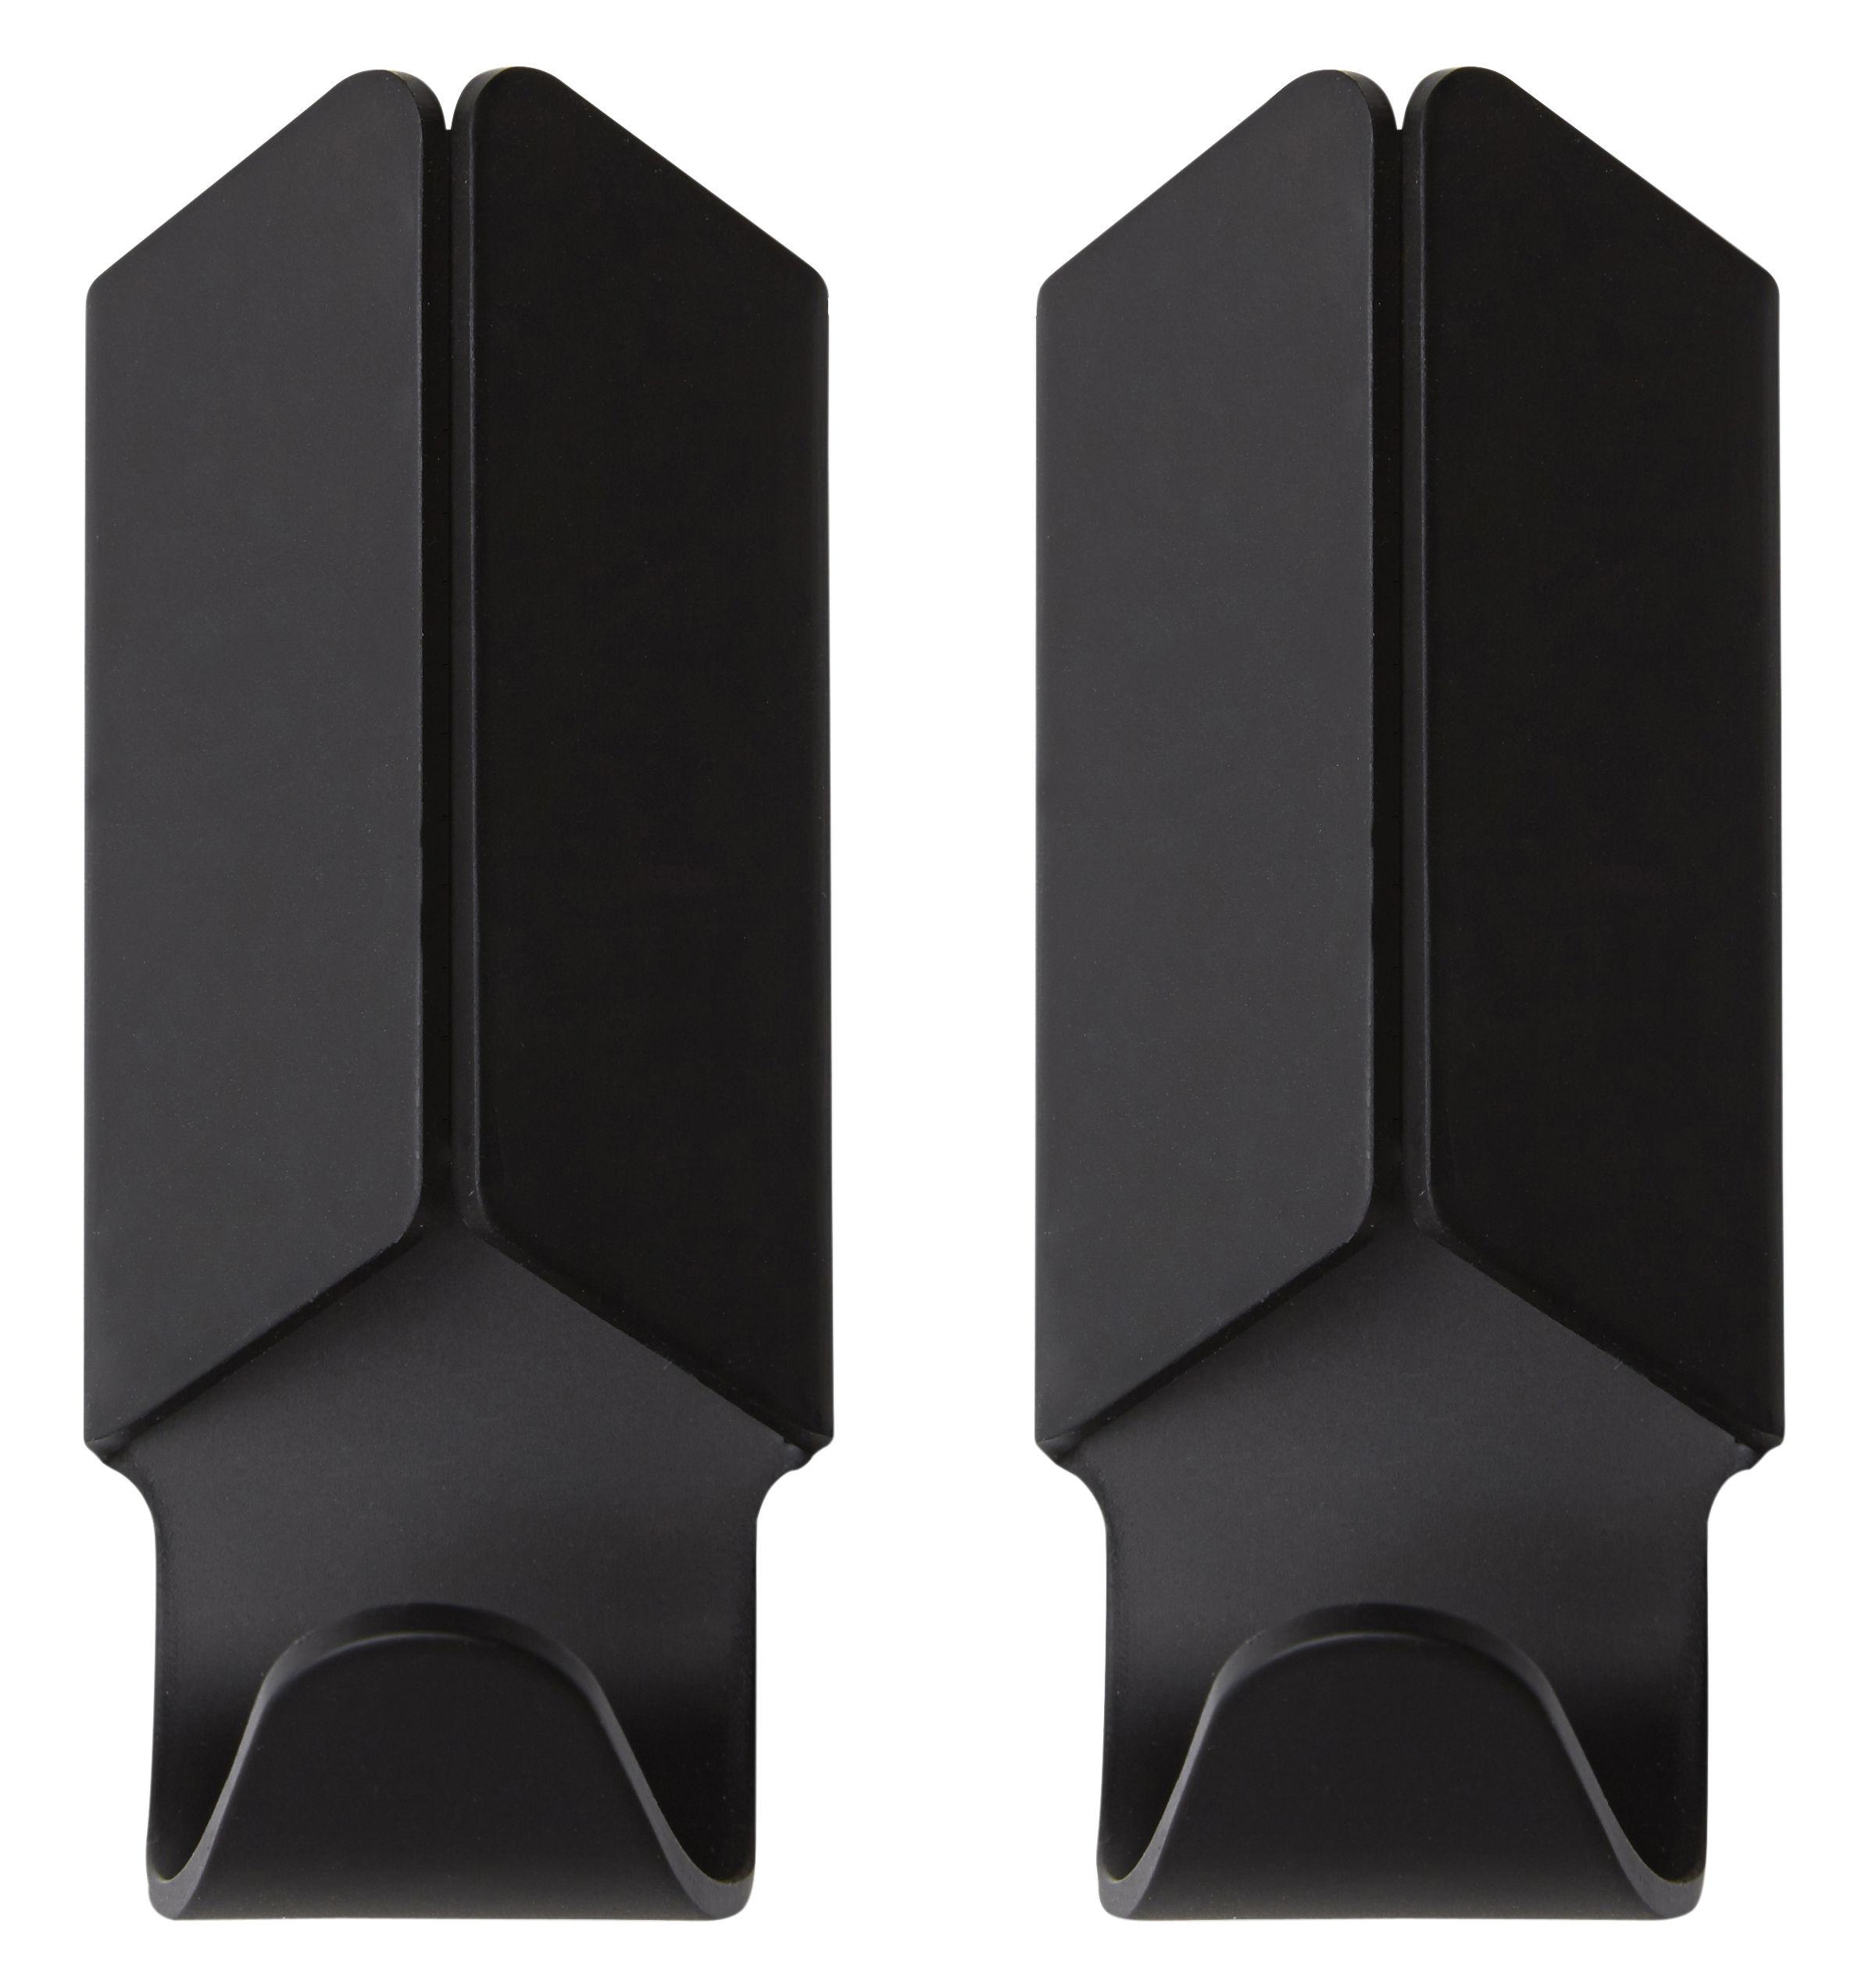 Möbel - Garderoben und Kleiderhaken - Volet Wandhaken / 2er-Set - Hay - Schwarz - eloxiertes Aluminium